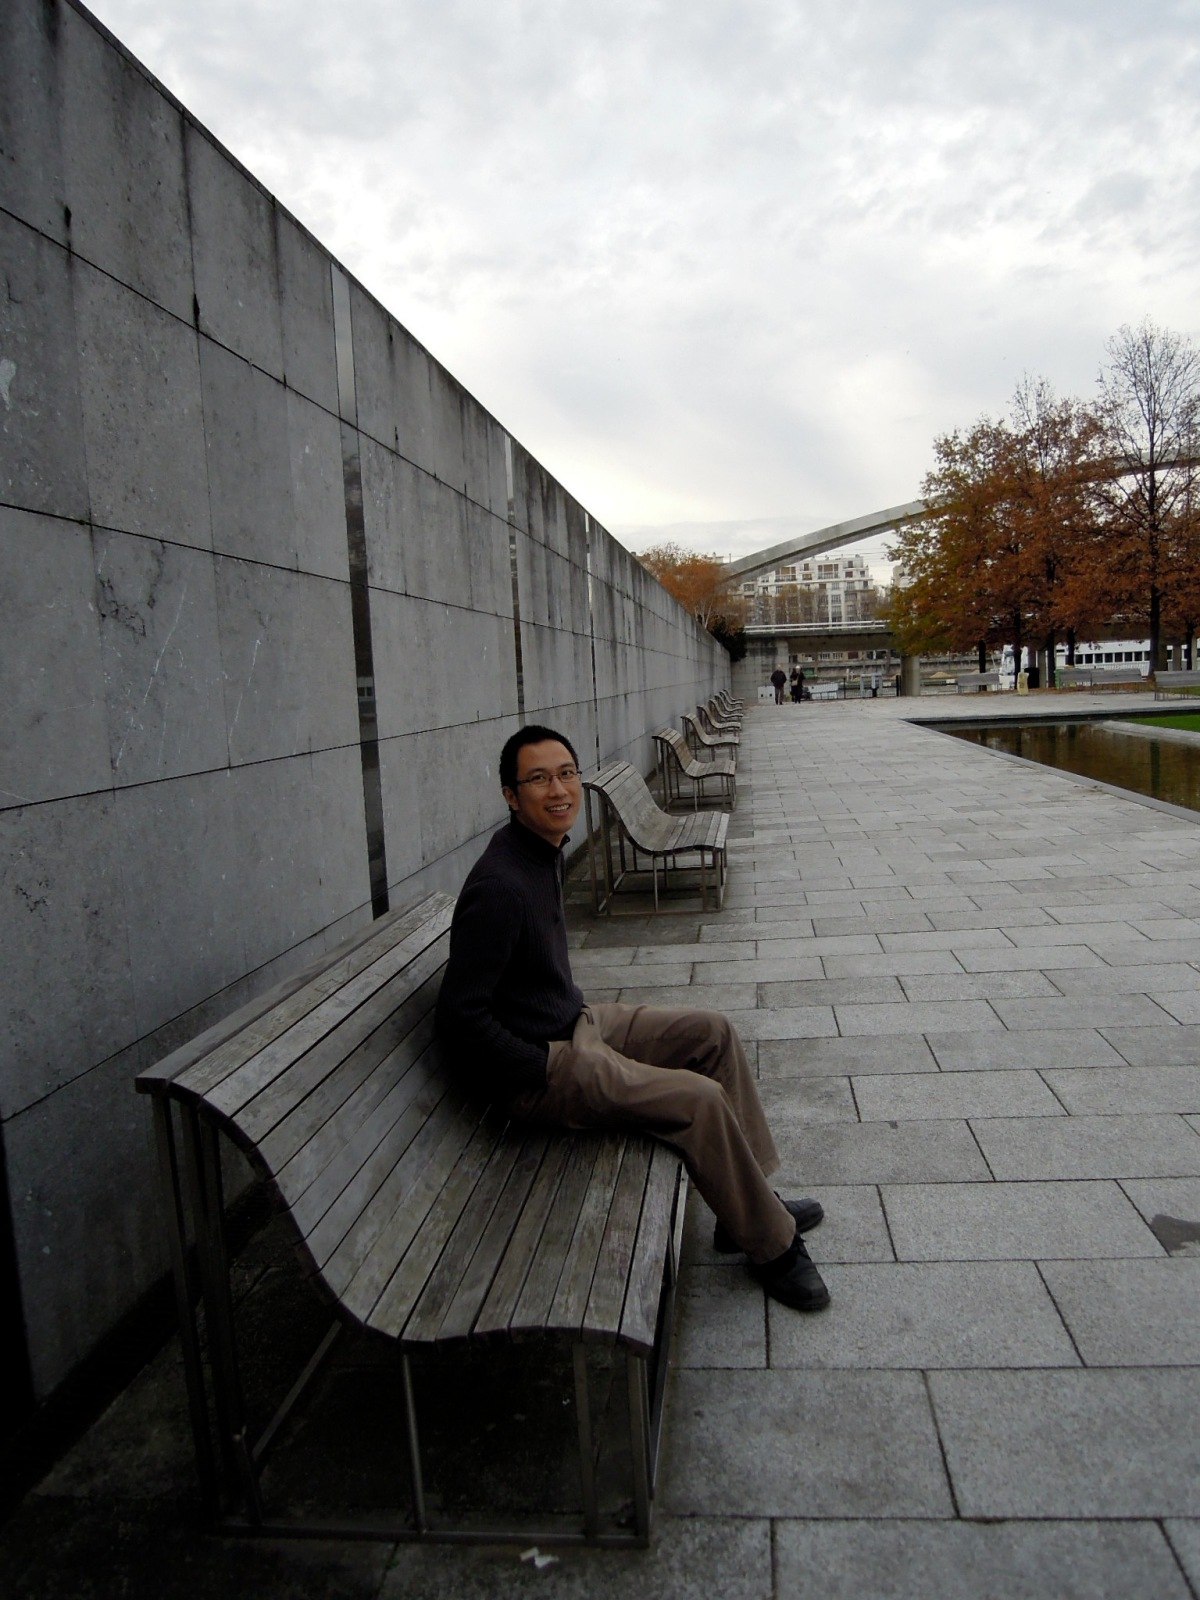 Erik on wavy benches